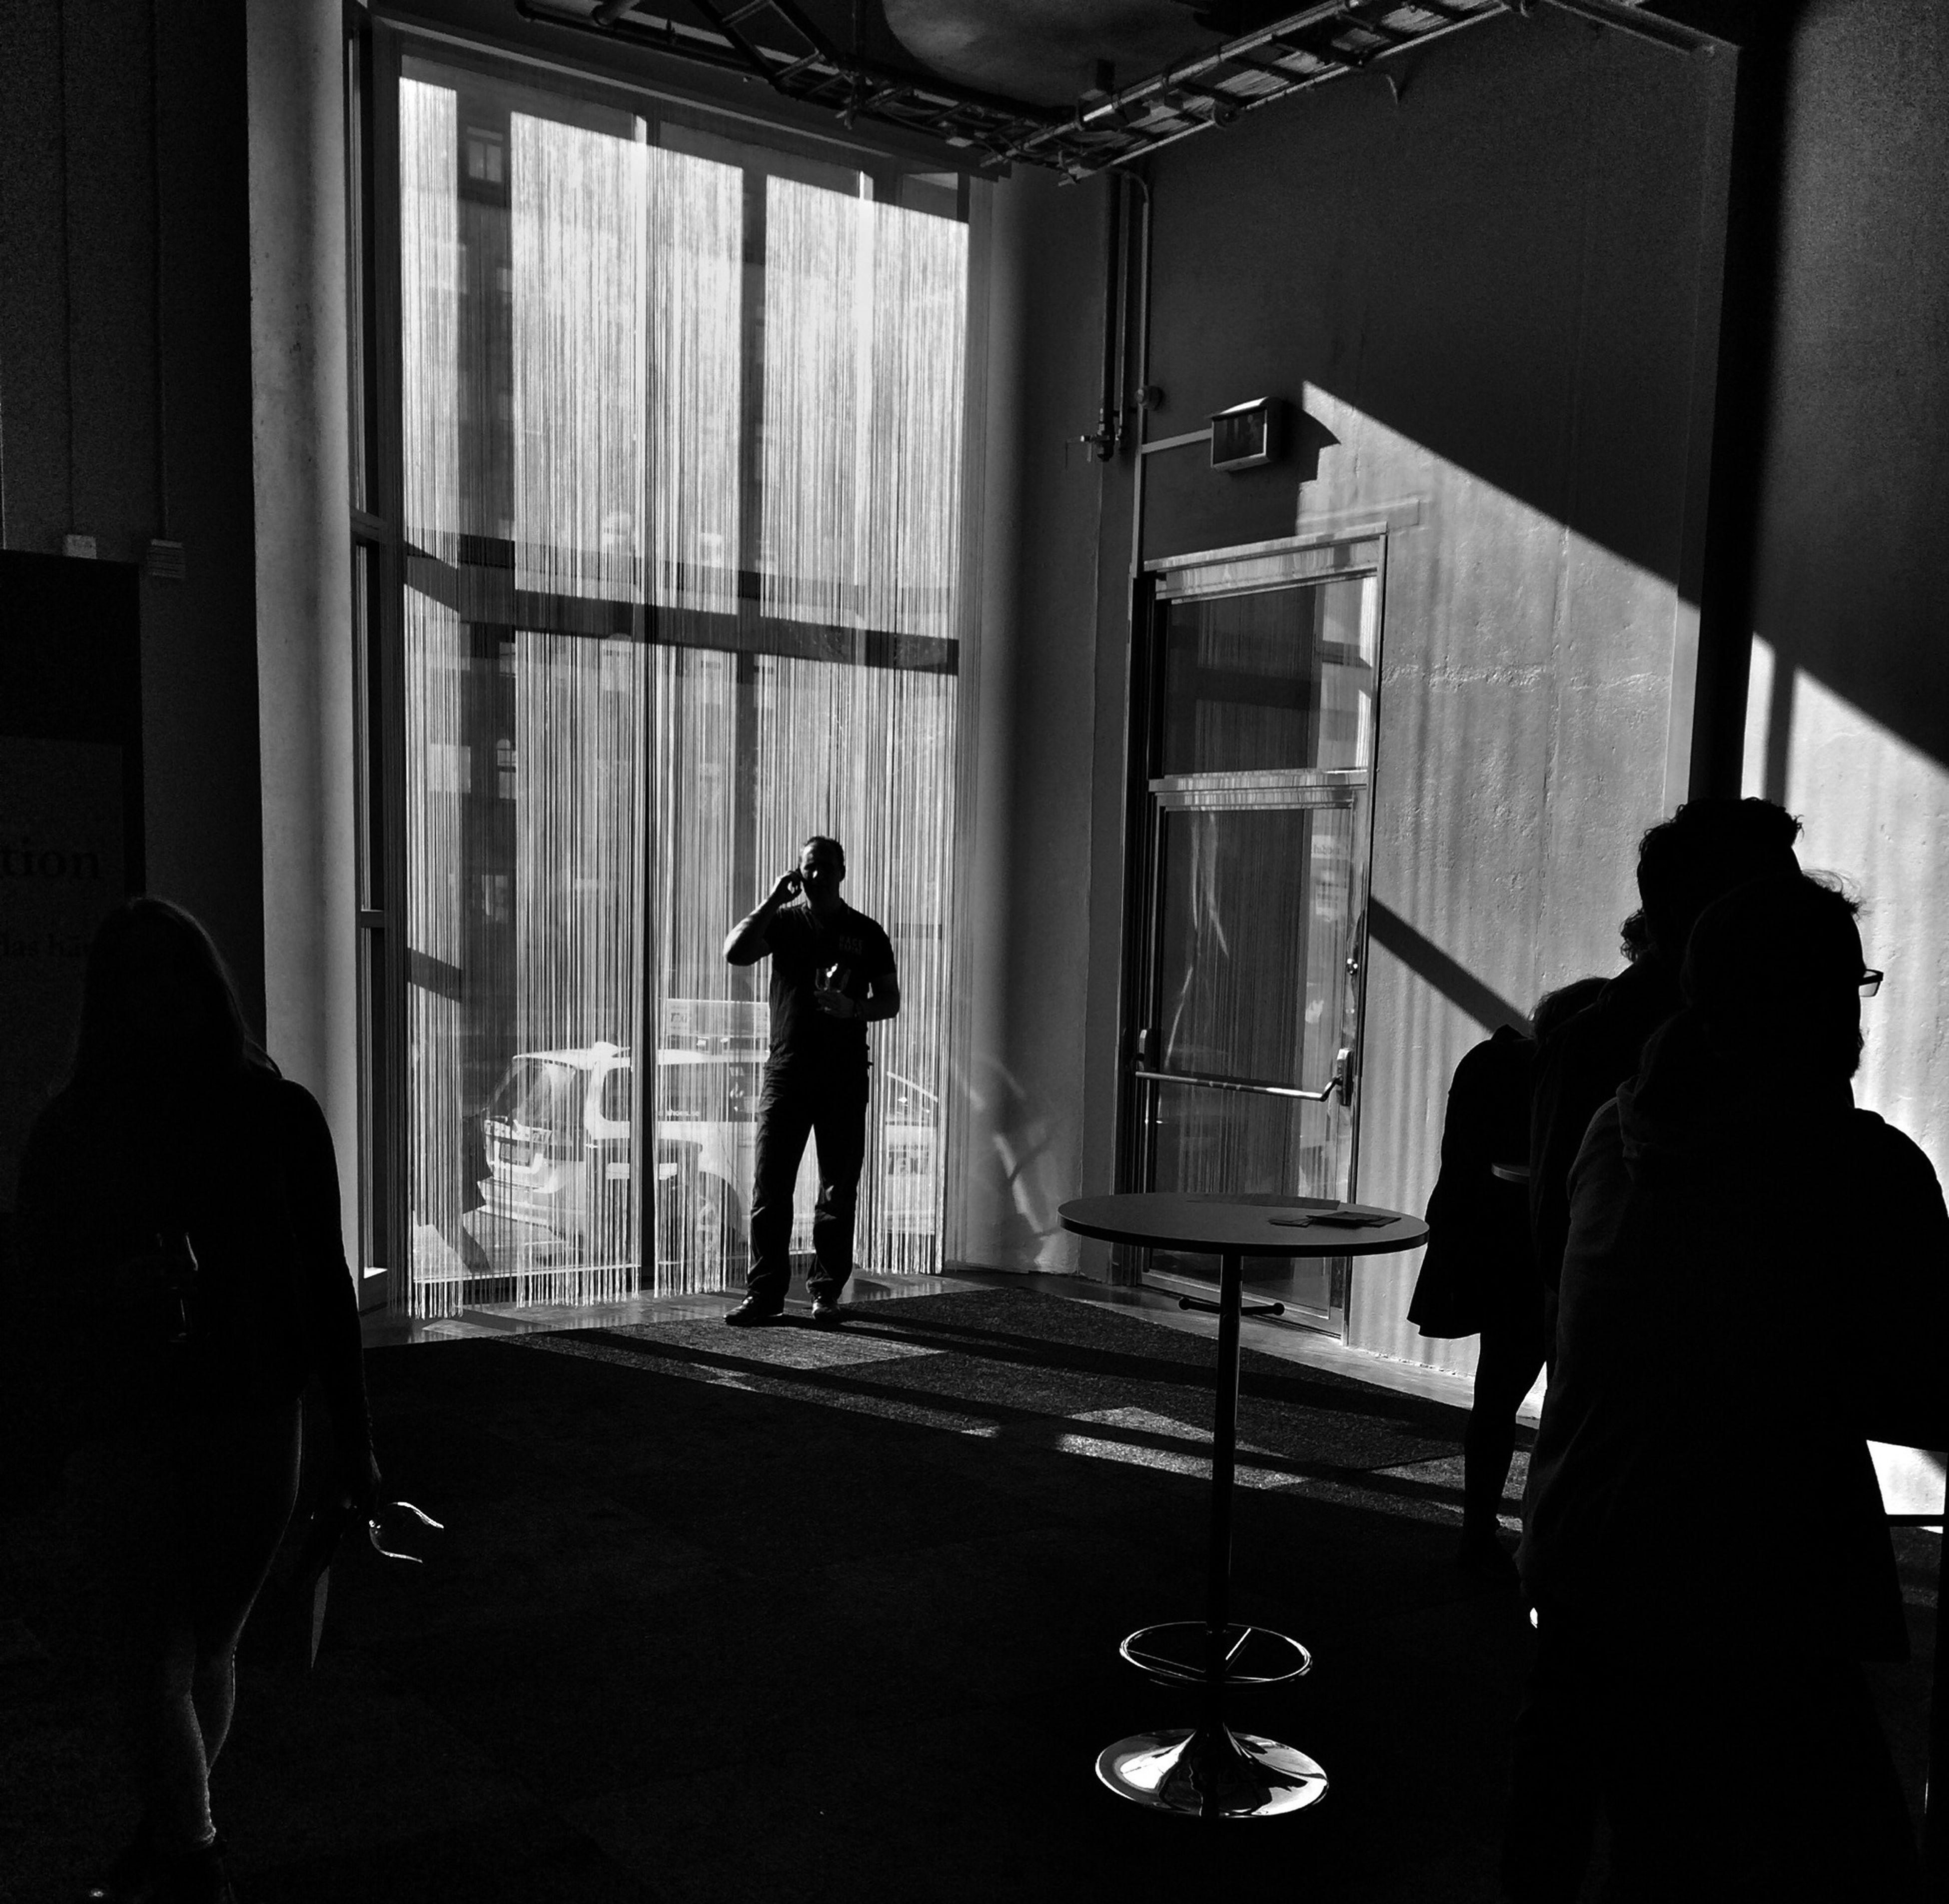 Blackandwhite AMPt_community Silhouette Shadows